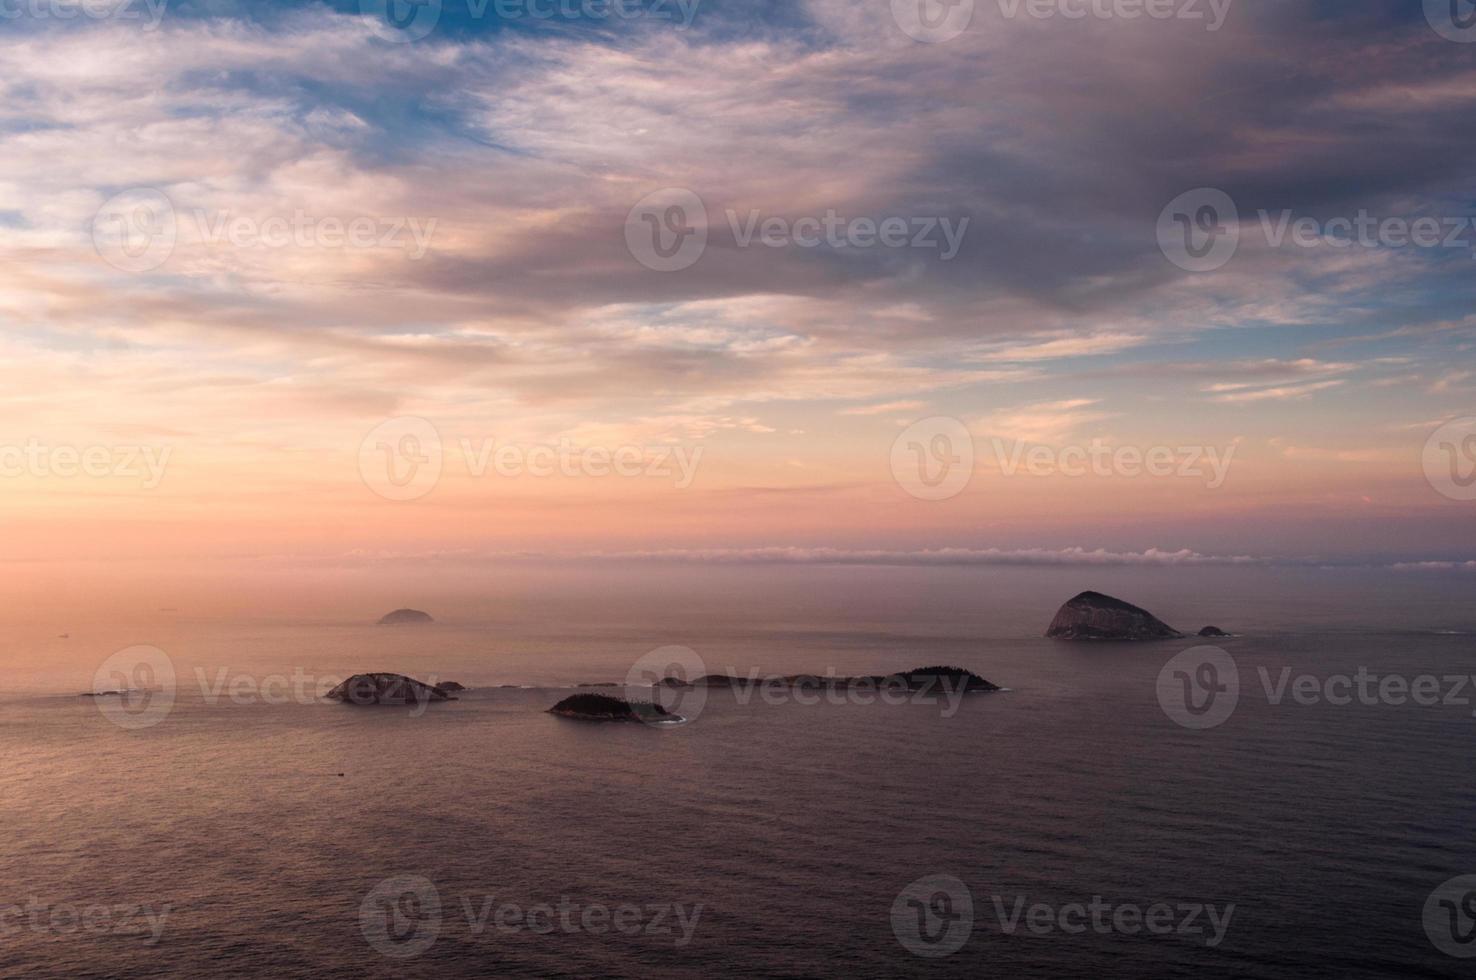 uitzicht op de oceaan bij zonsopgang met eilanden in de horizon foto